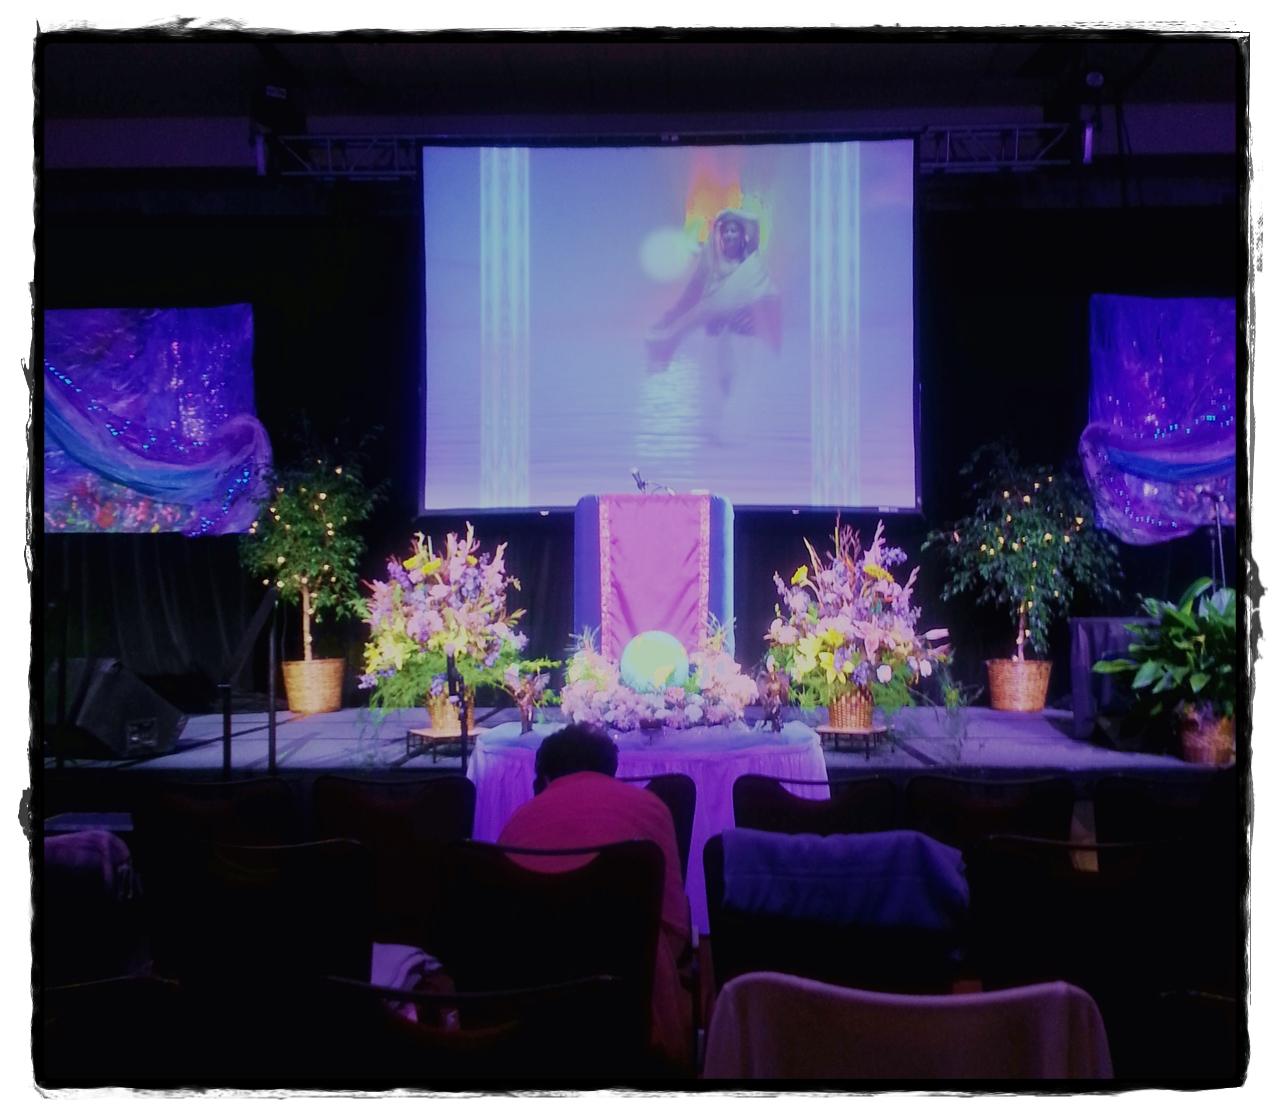 World Congress on Illumination 2013, Tuscson, AZ